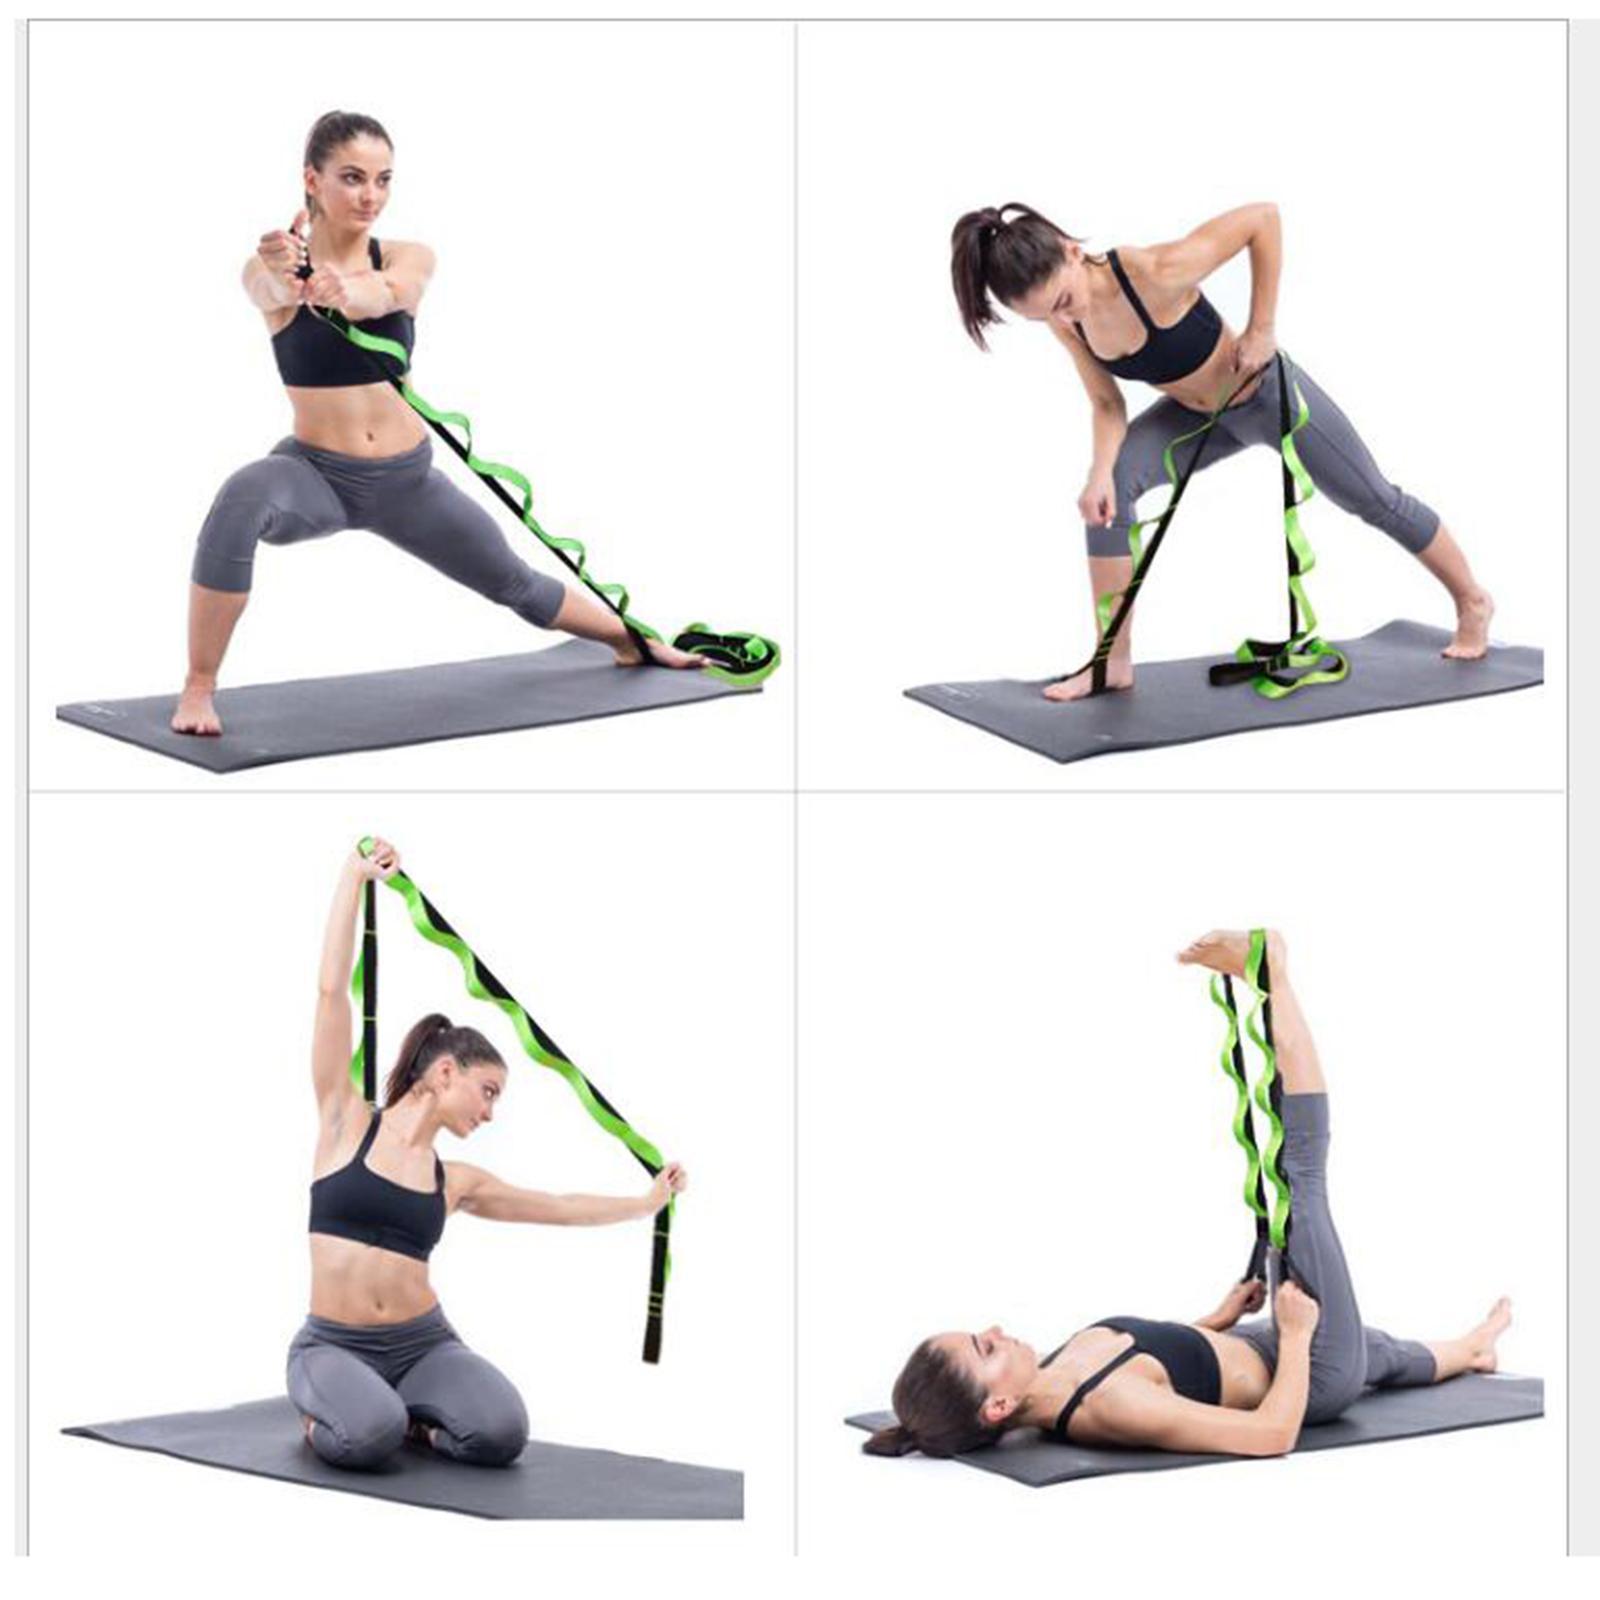 miniatura 23 - Pierna camilla yoga Stretch Strap Latin Dance Gymnastic pull cinturón flexibilidad